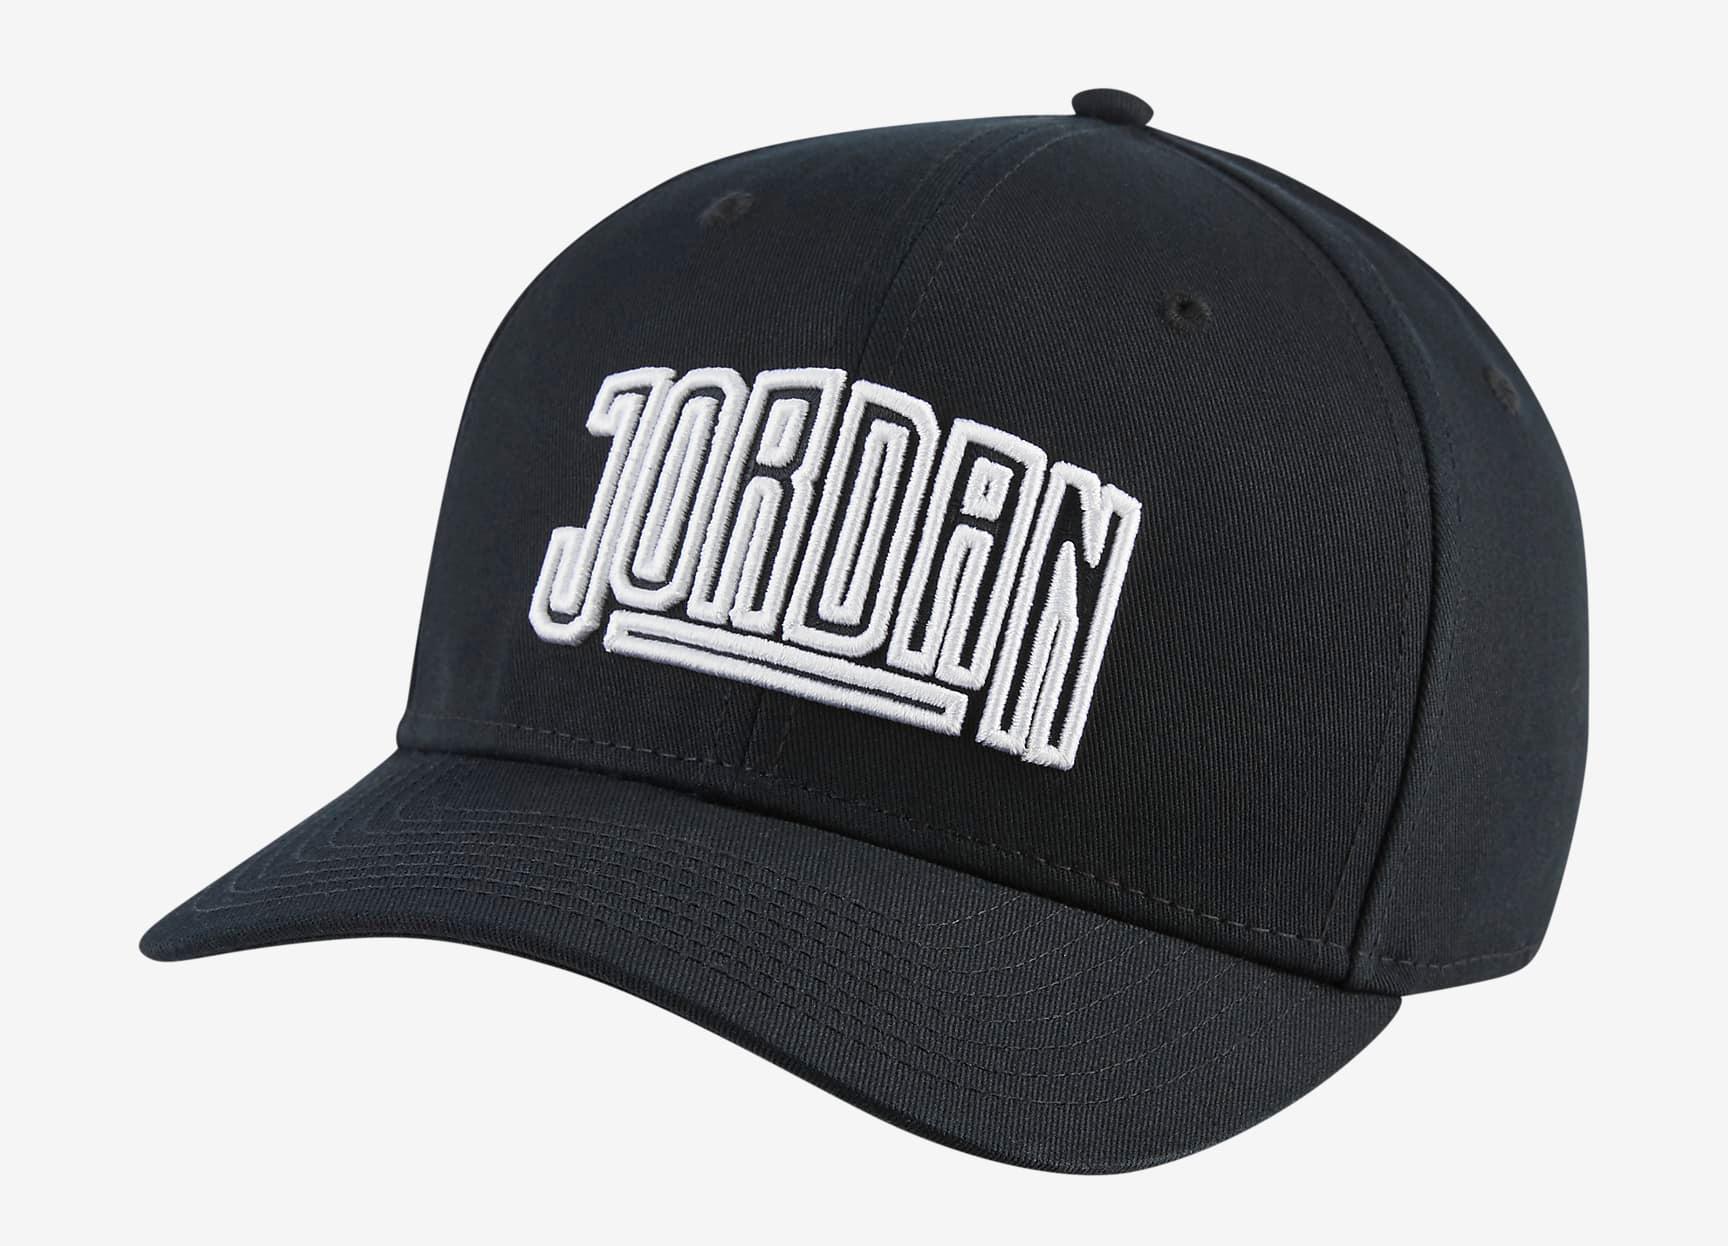 jordan-black-white-classics-99-force-snapback-hat-1